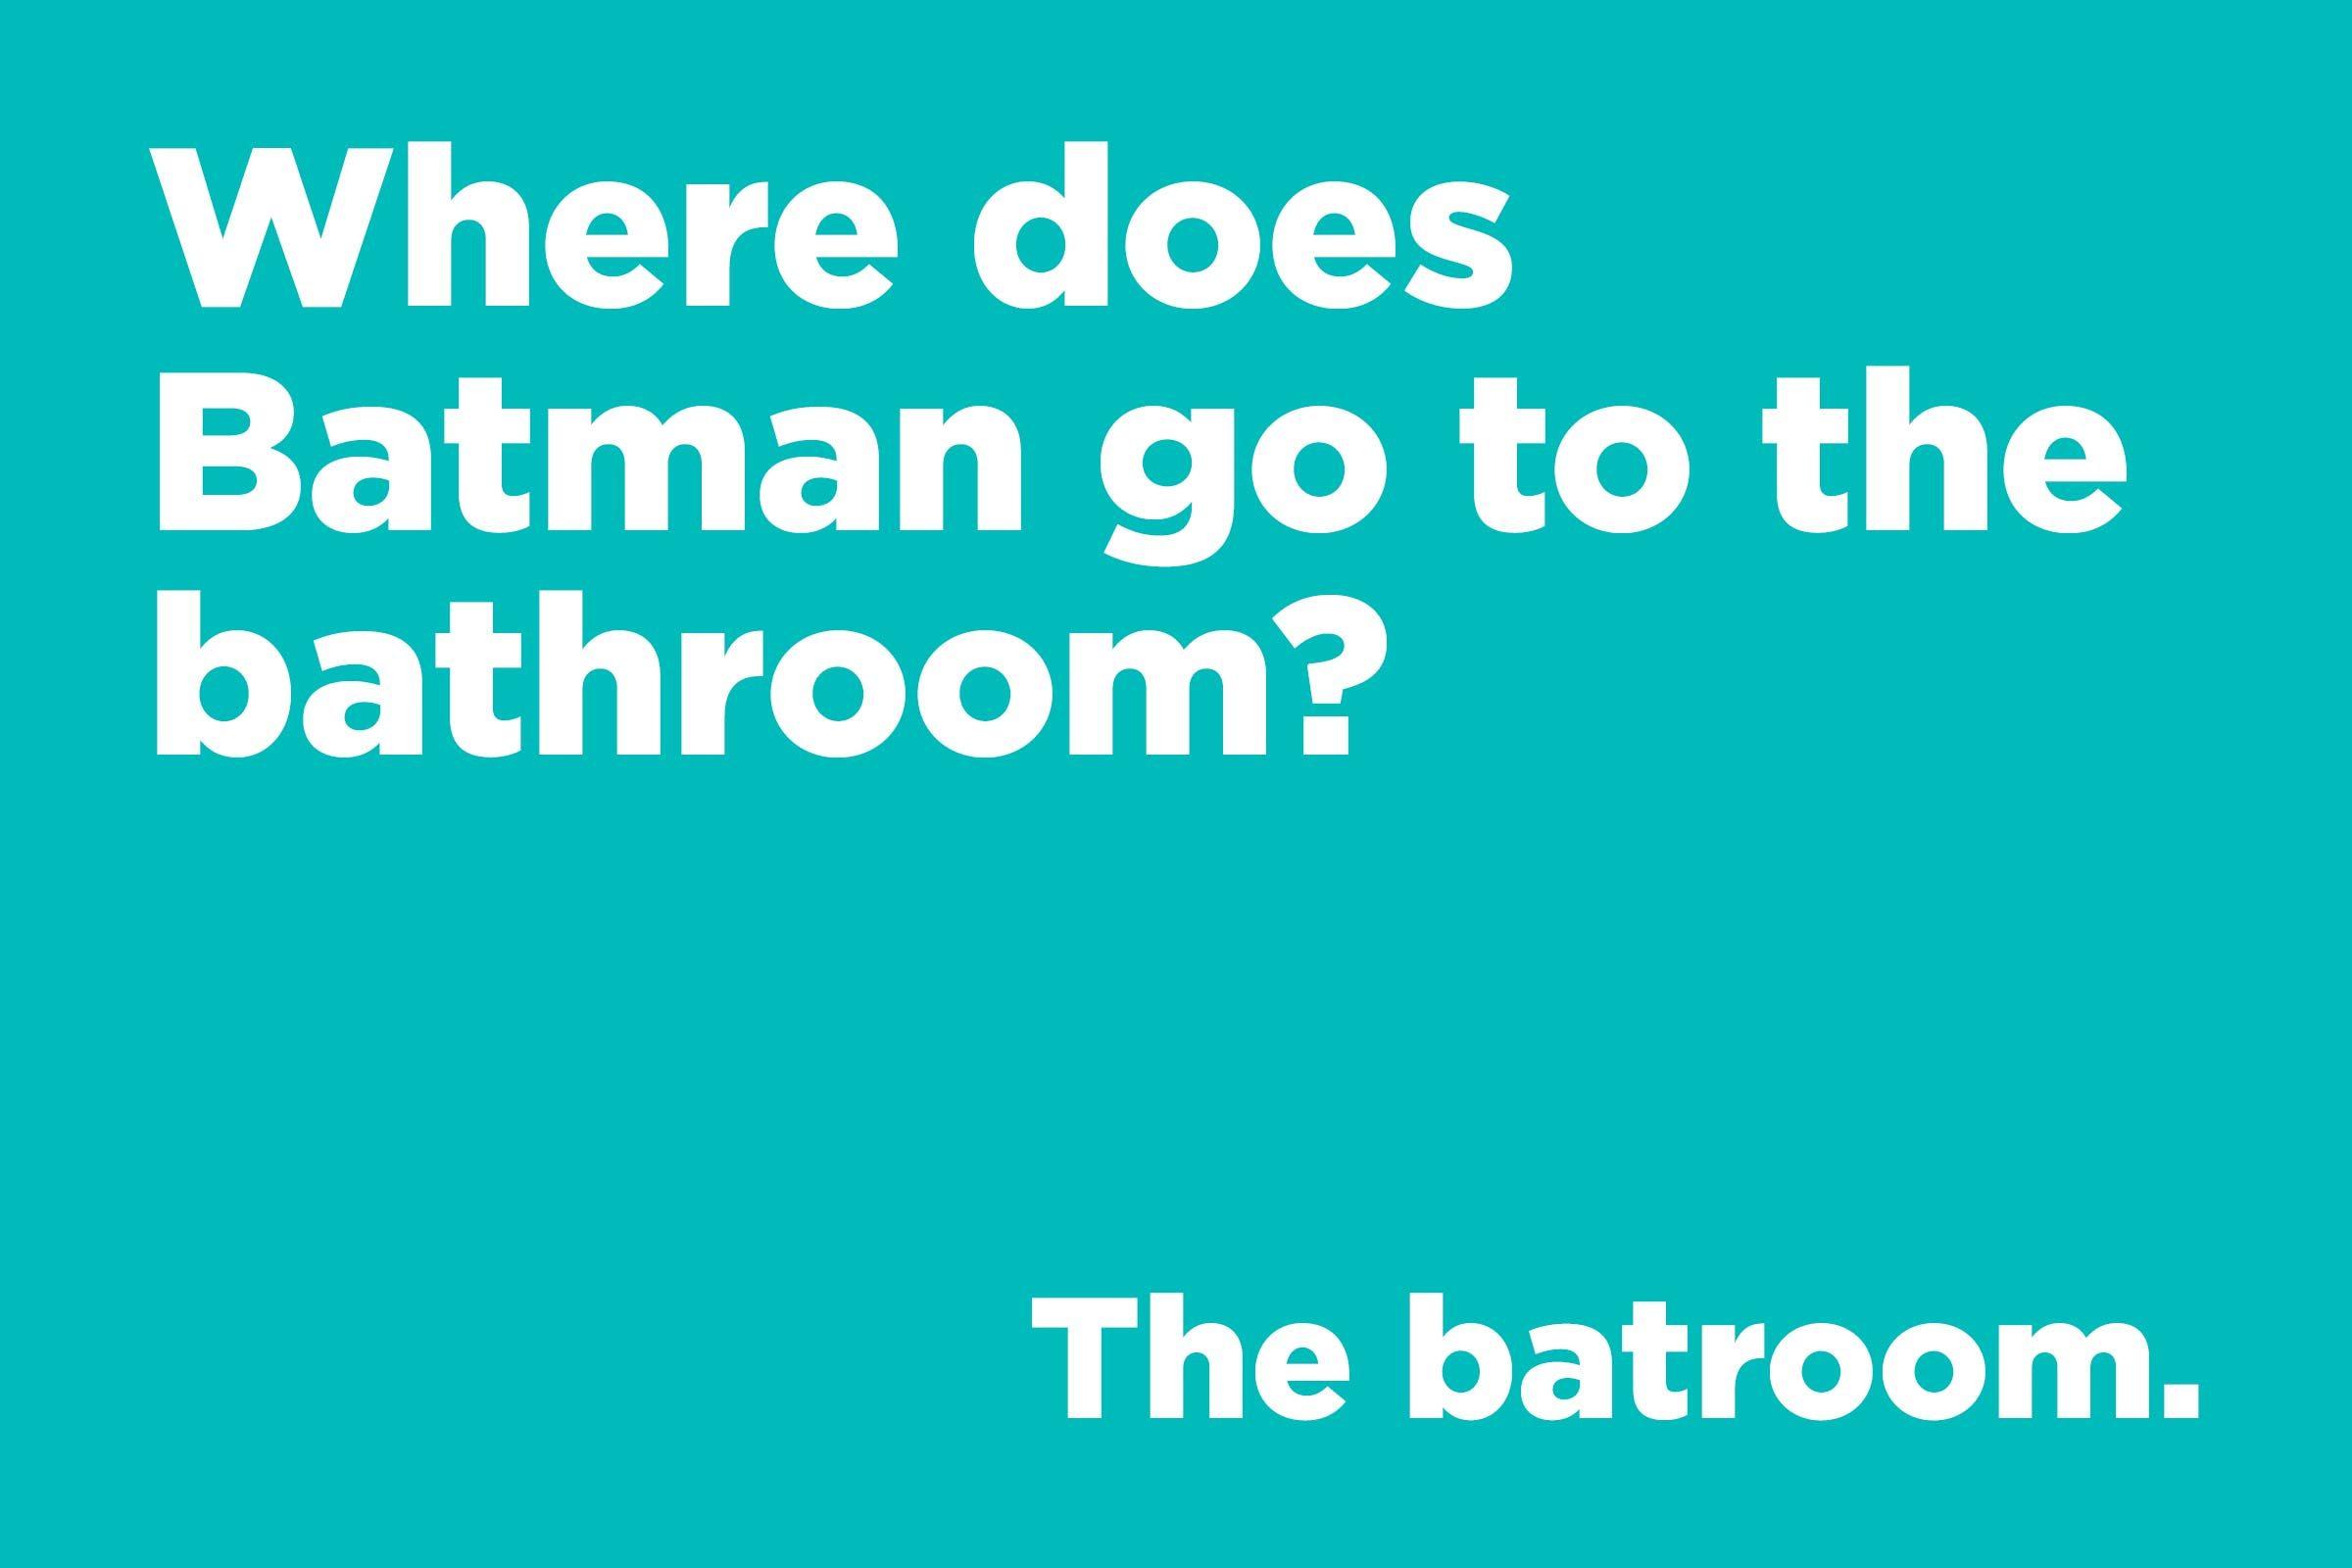 Where does Batman go to the bathroom?